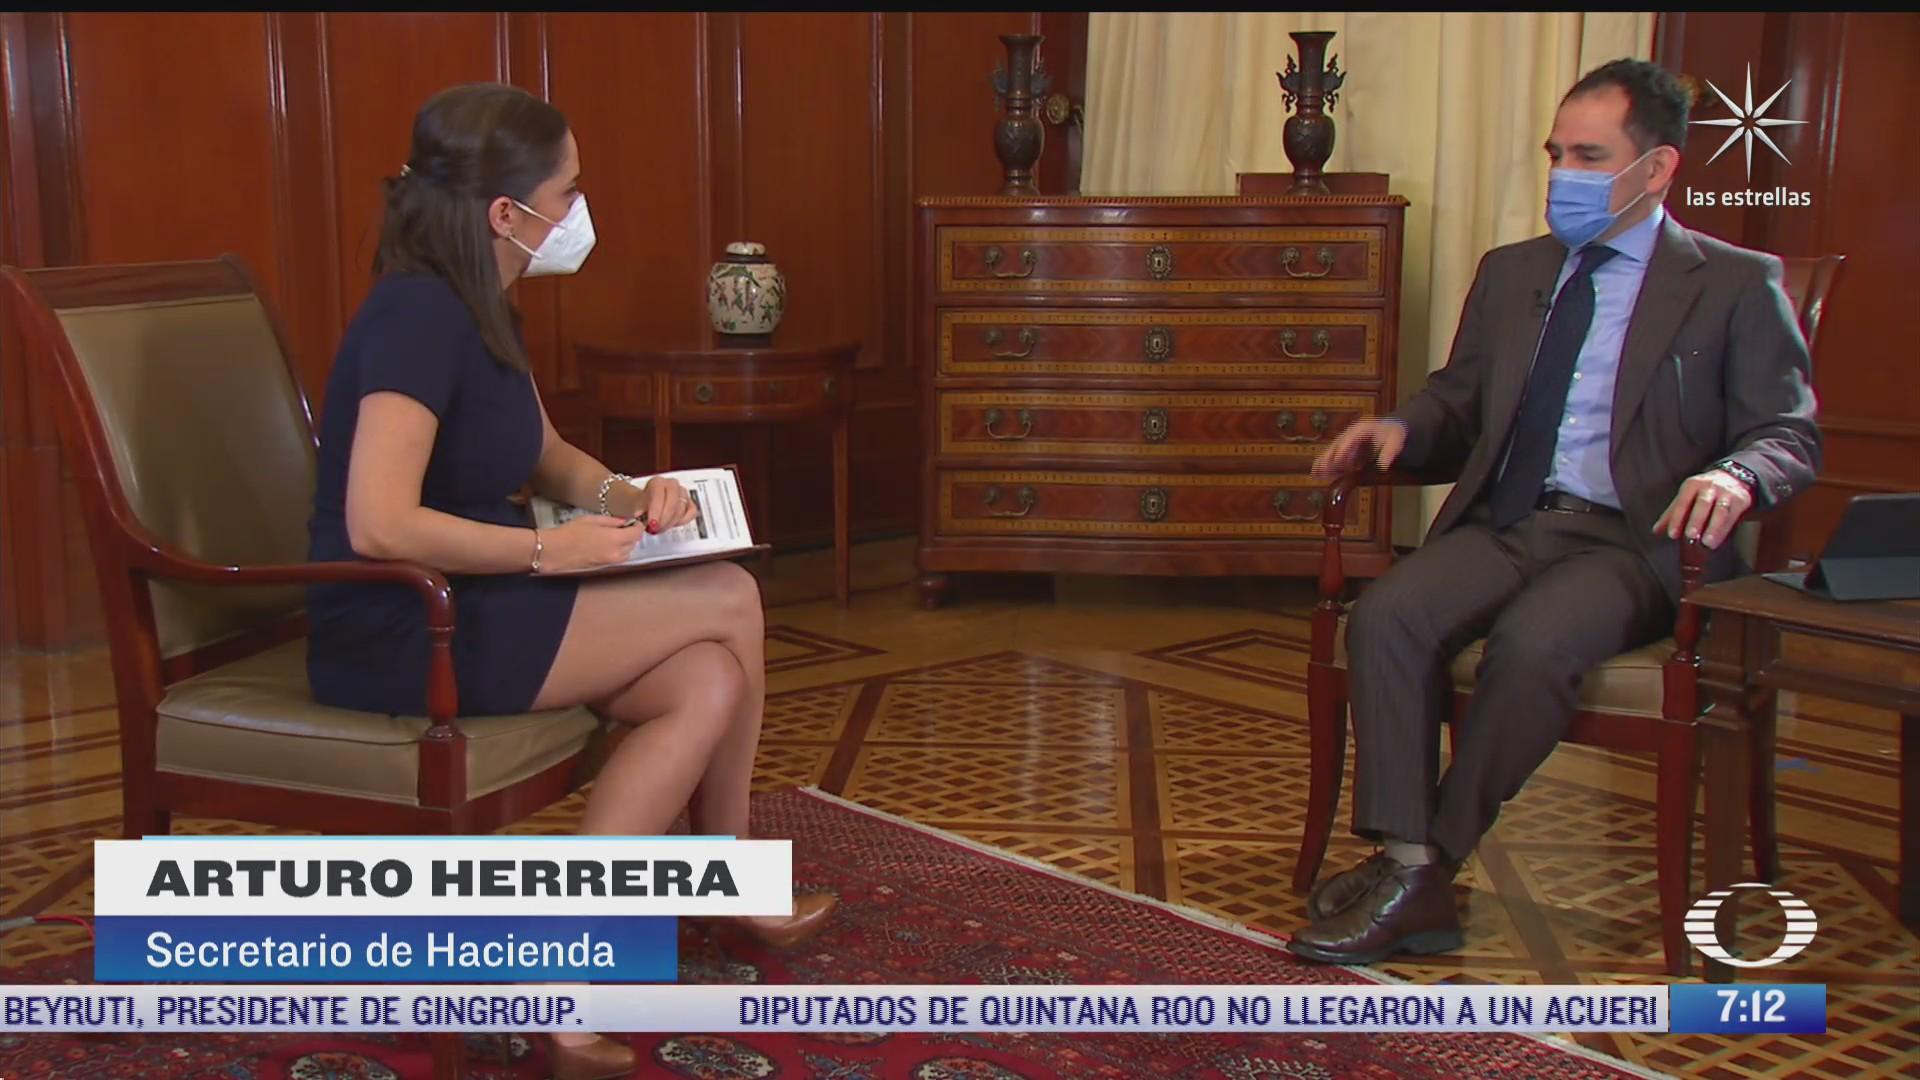 entrevista exclusiva a arturo herrera secretario de hacienda para despierta